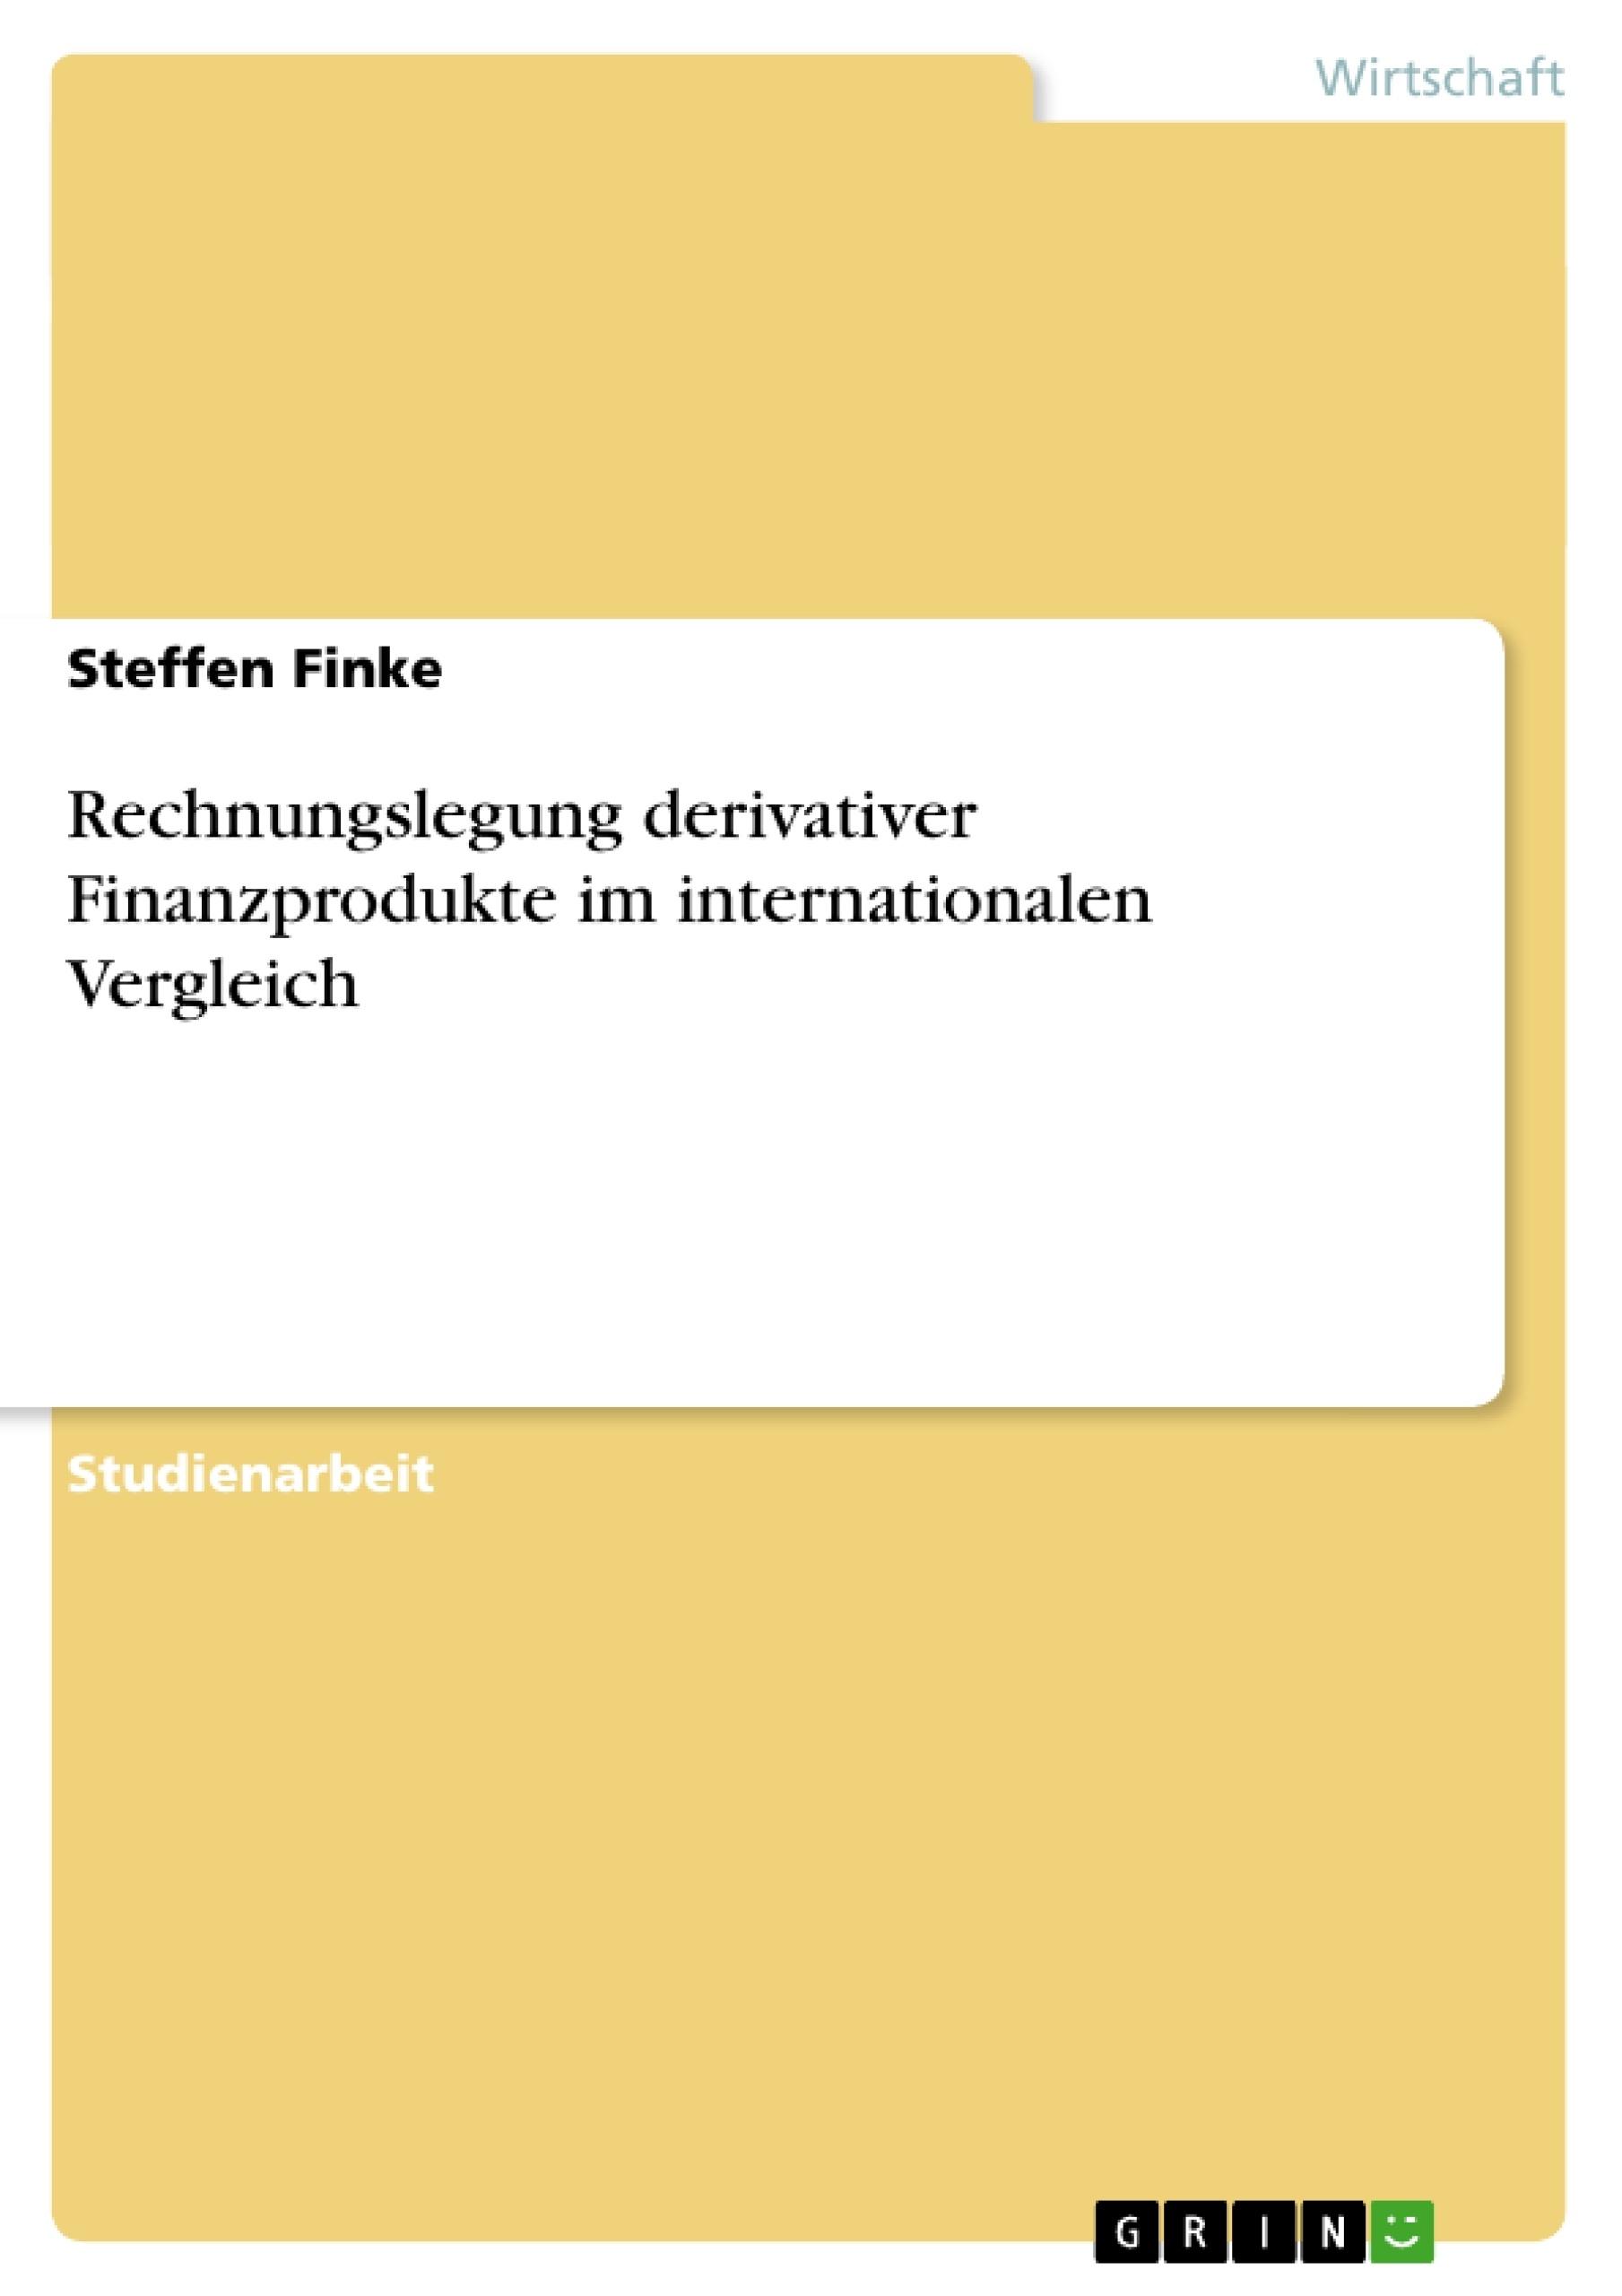 Titel: Rechnungslegung derivativer Finanzprodukte im internationalen Vergleich